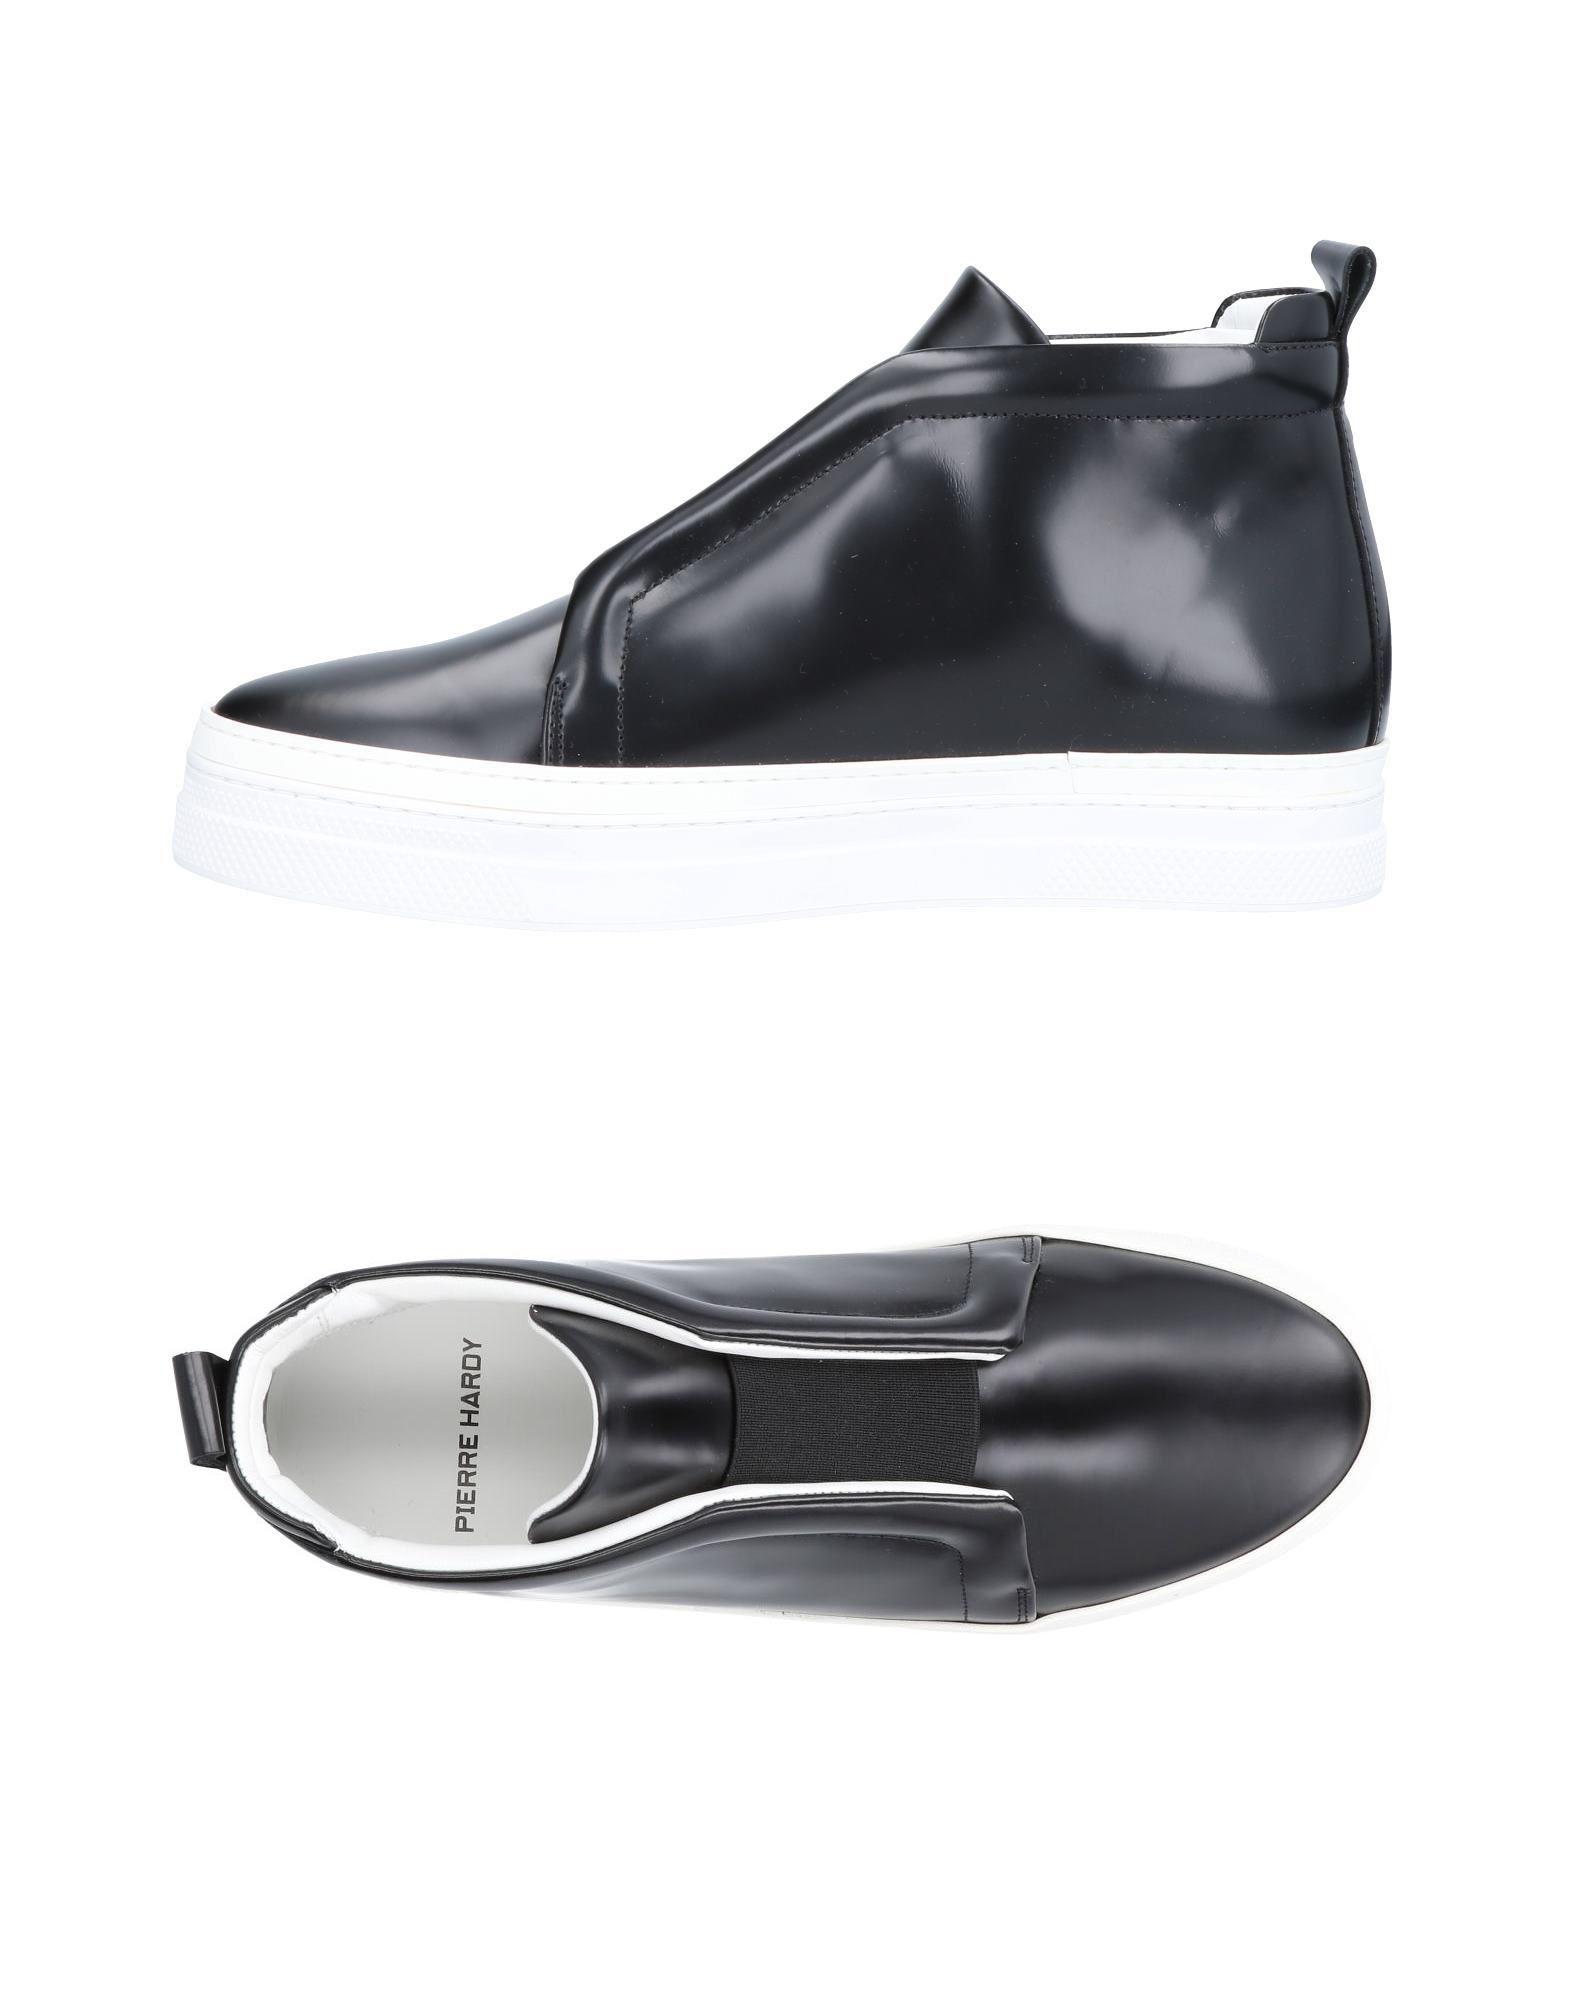 Pierre Hardy Gute Sneakers Herren  11493700VJ Gute Hardy Qualität beliebte Schuhe cfccae